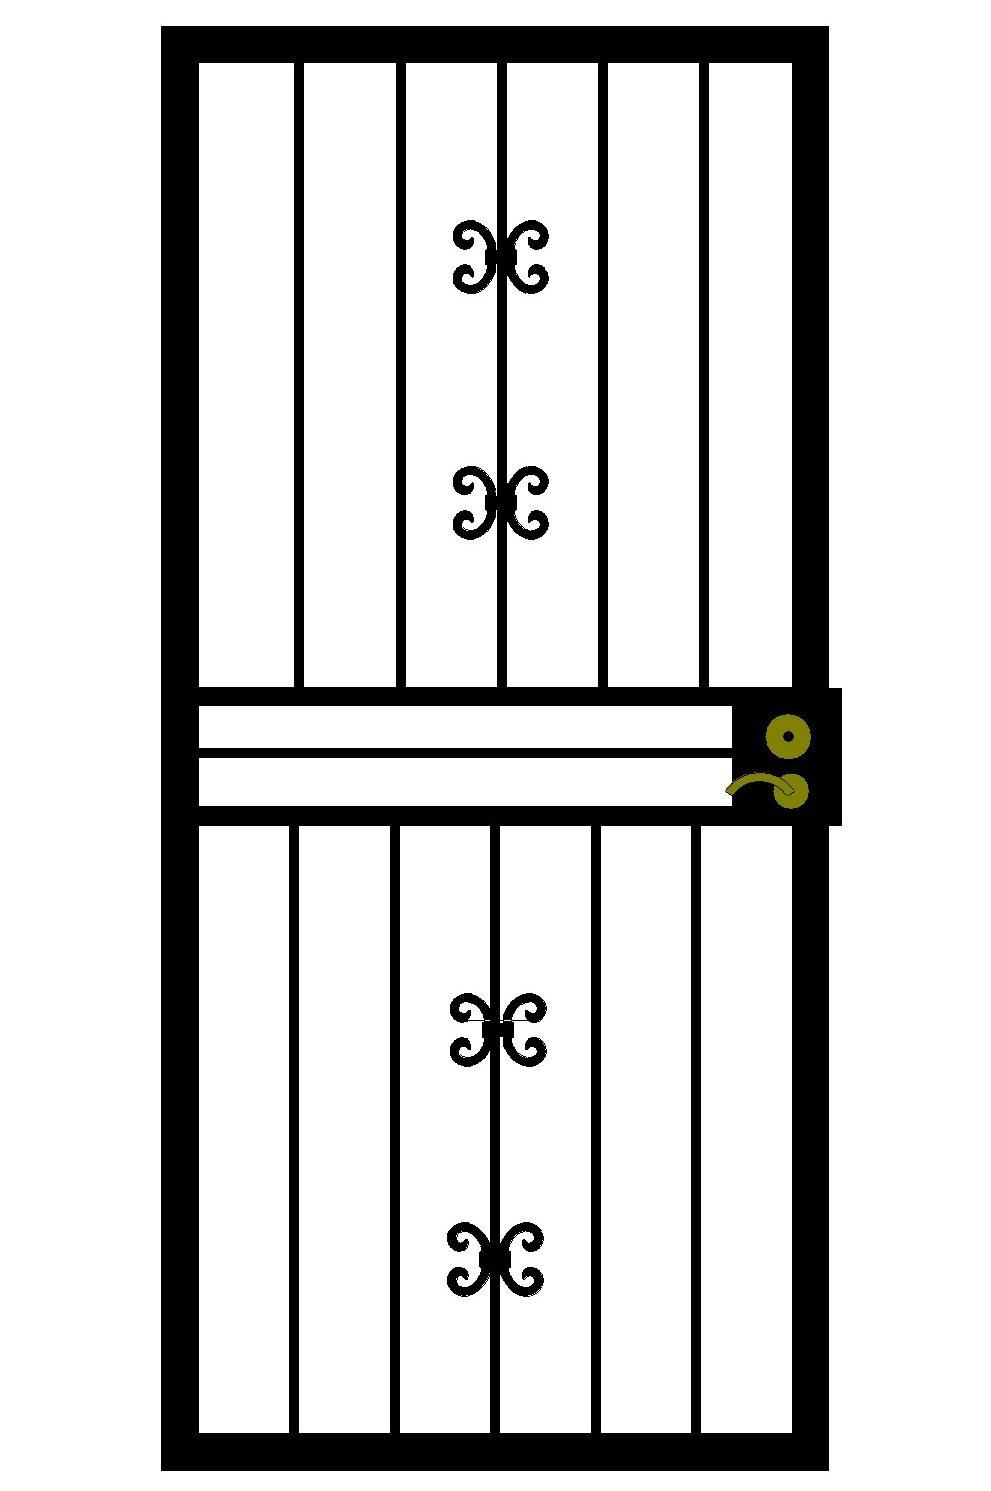 (A) Villa (LB)